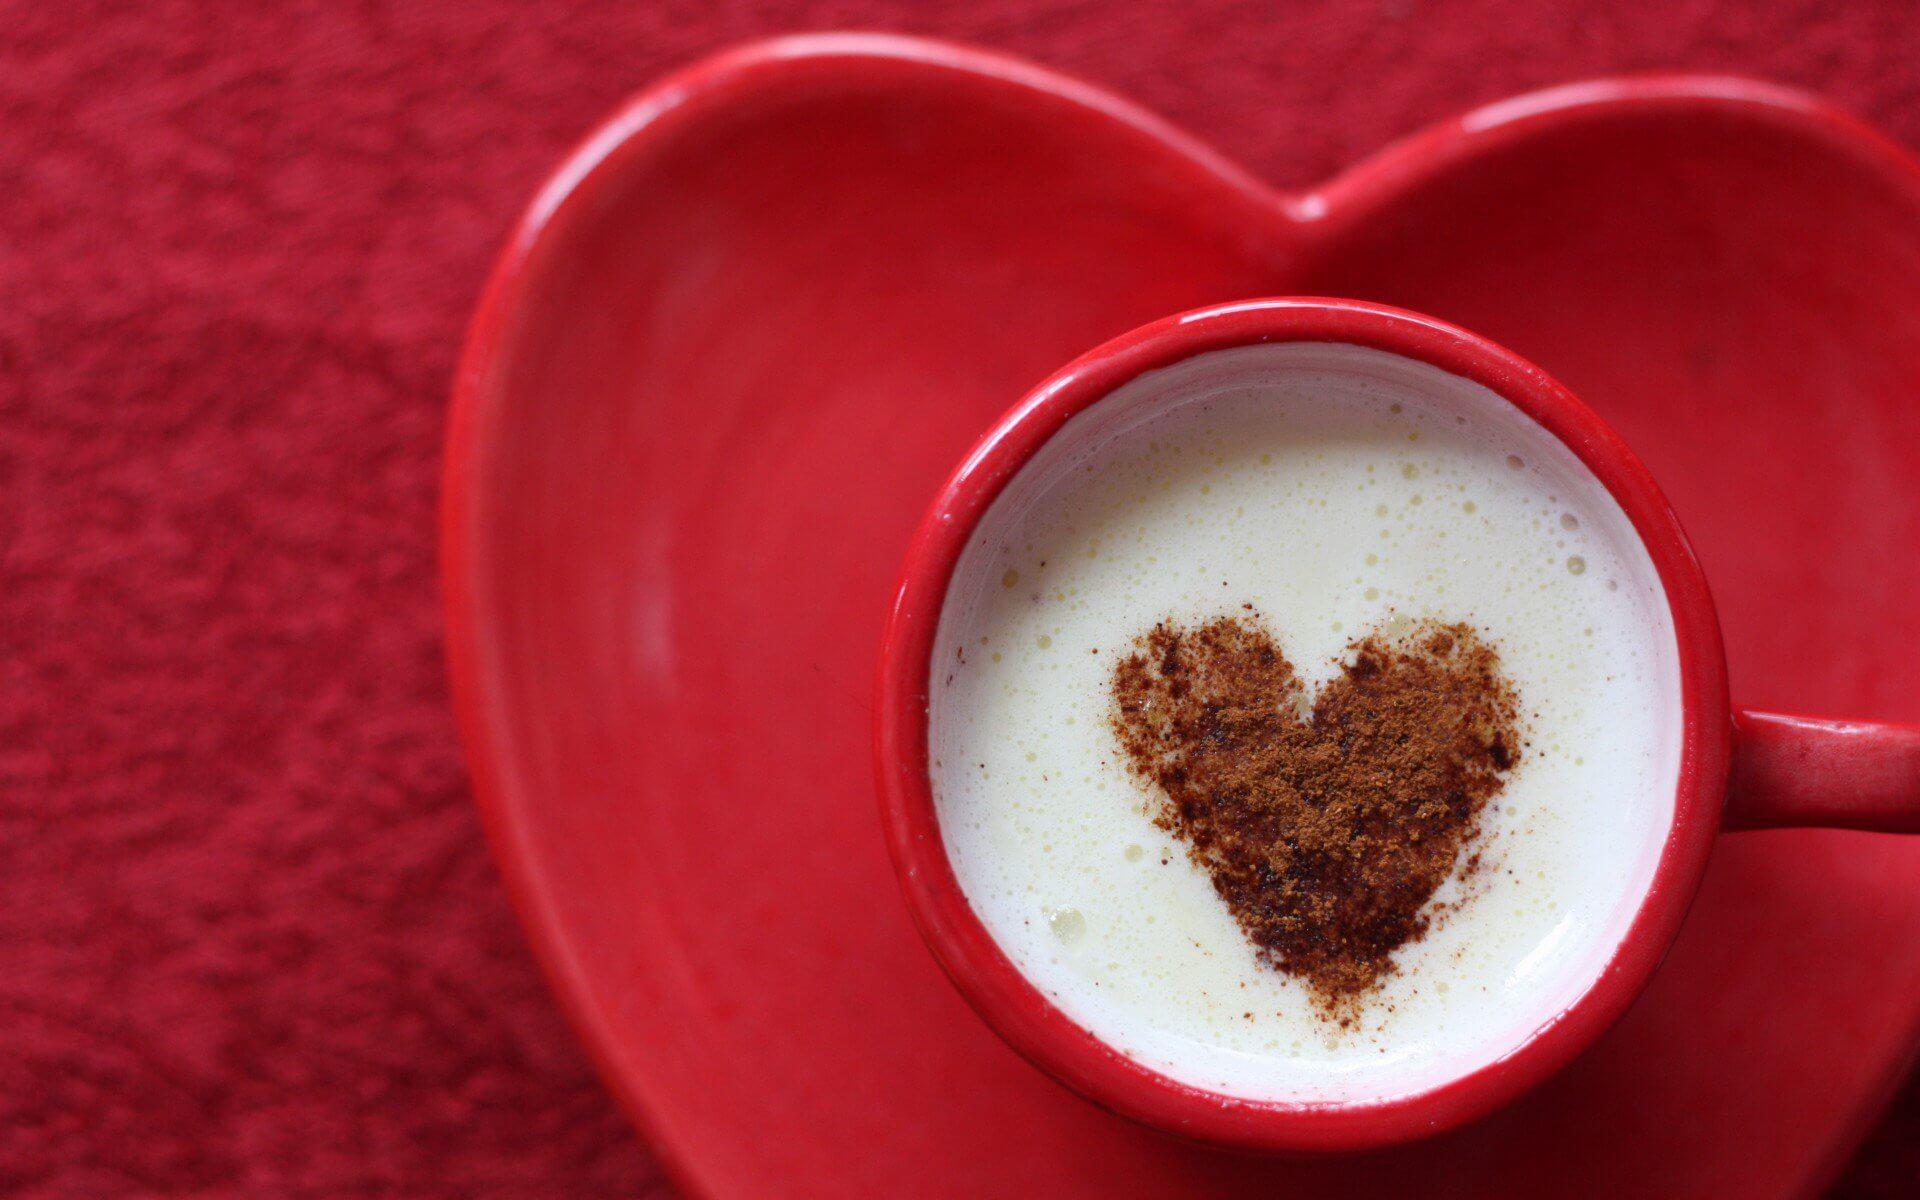 Милые и романтические картинки для любимой - скачать (20 фото) 7